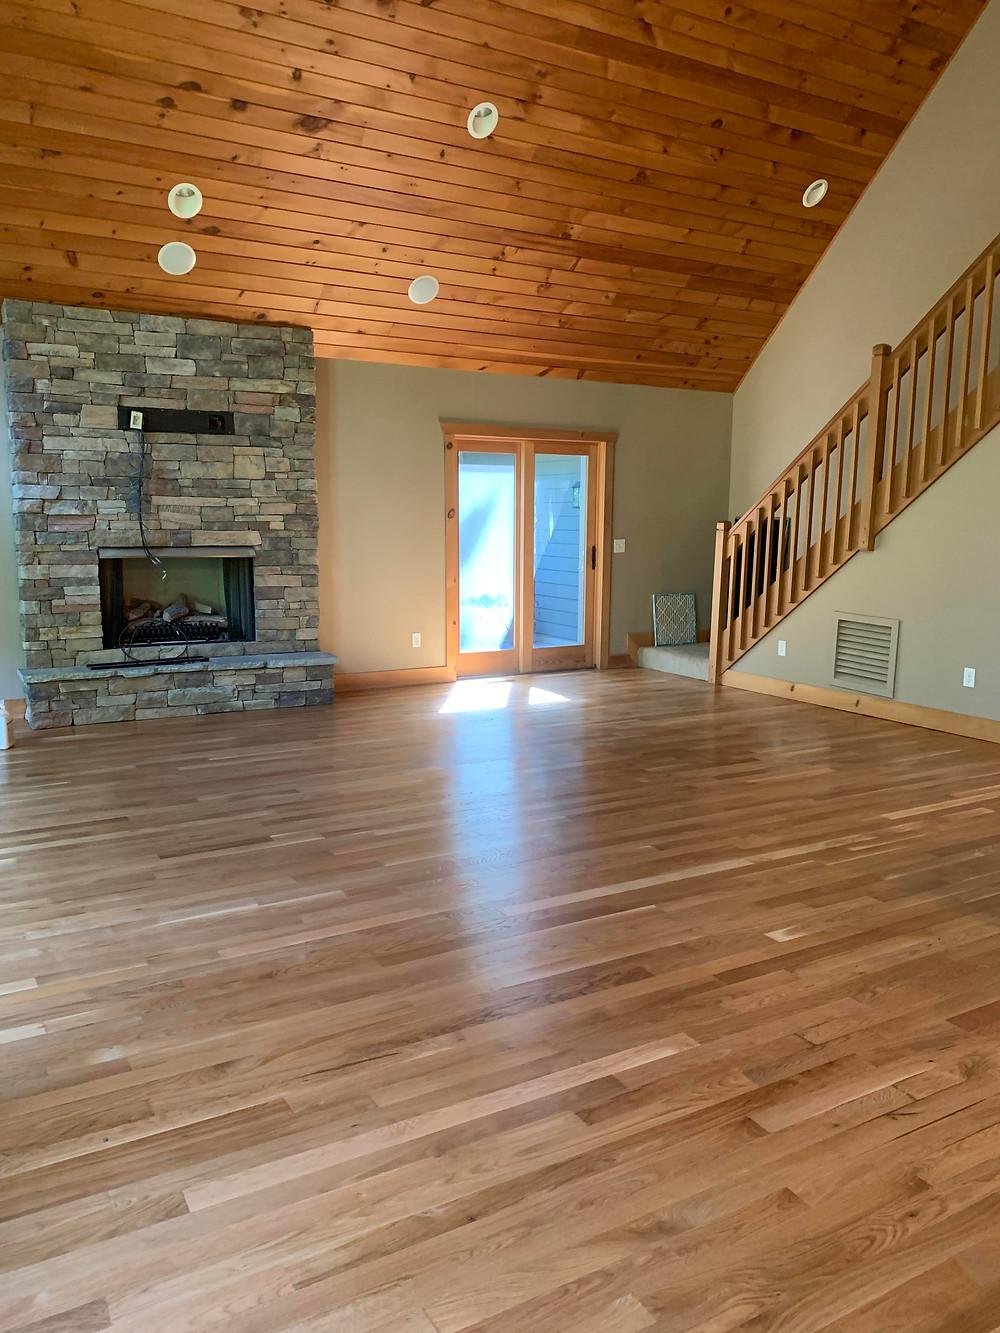 recoated wood floor